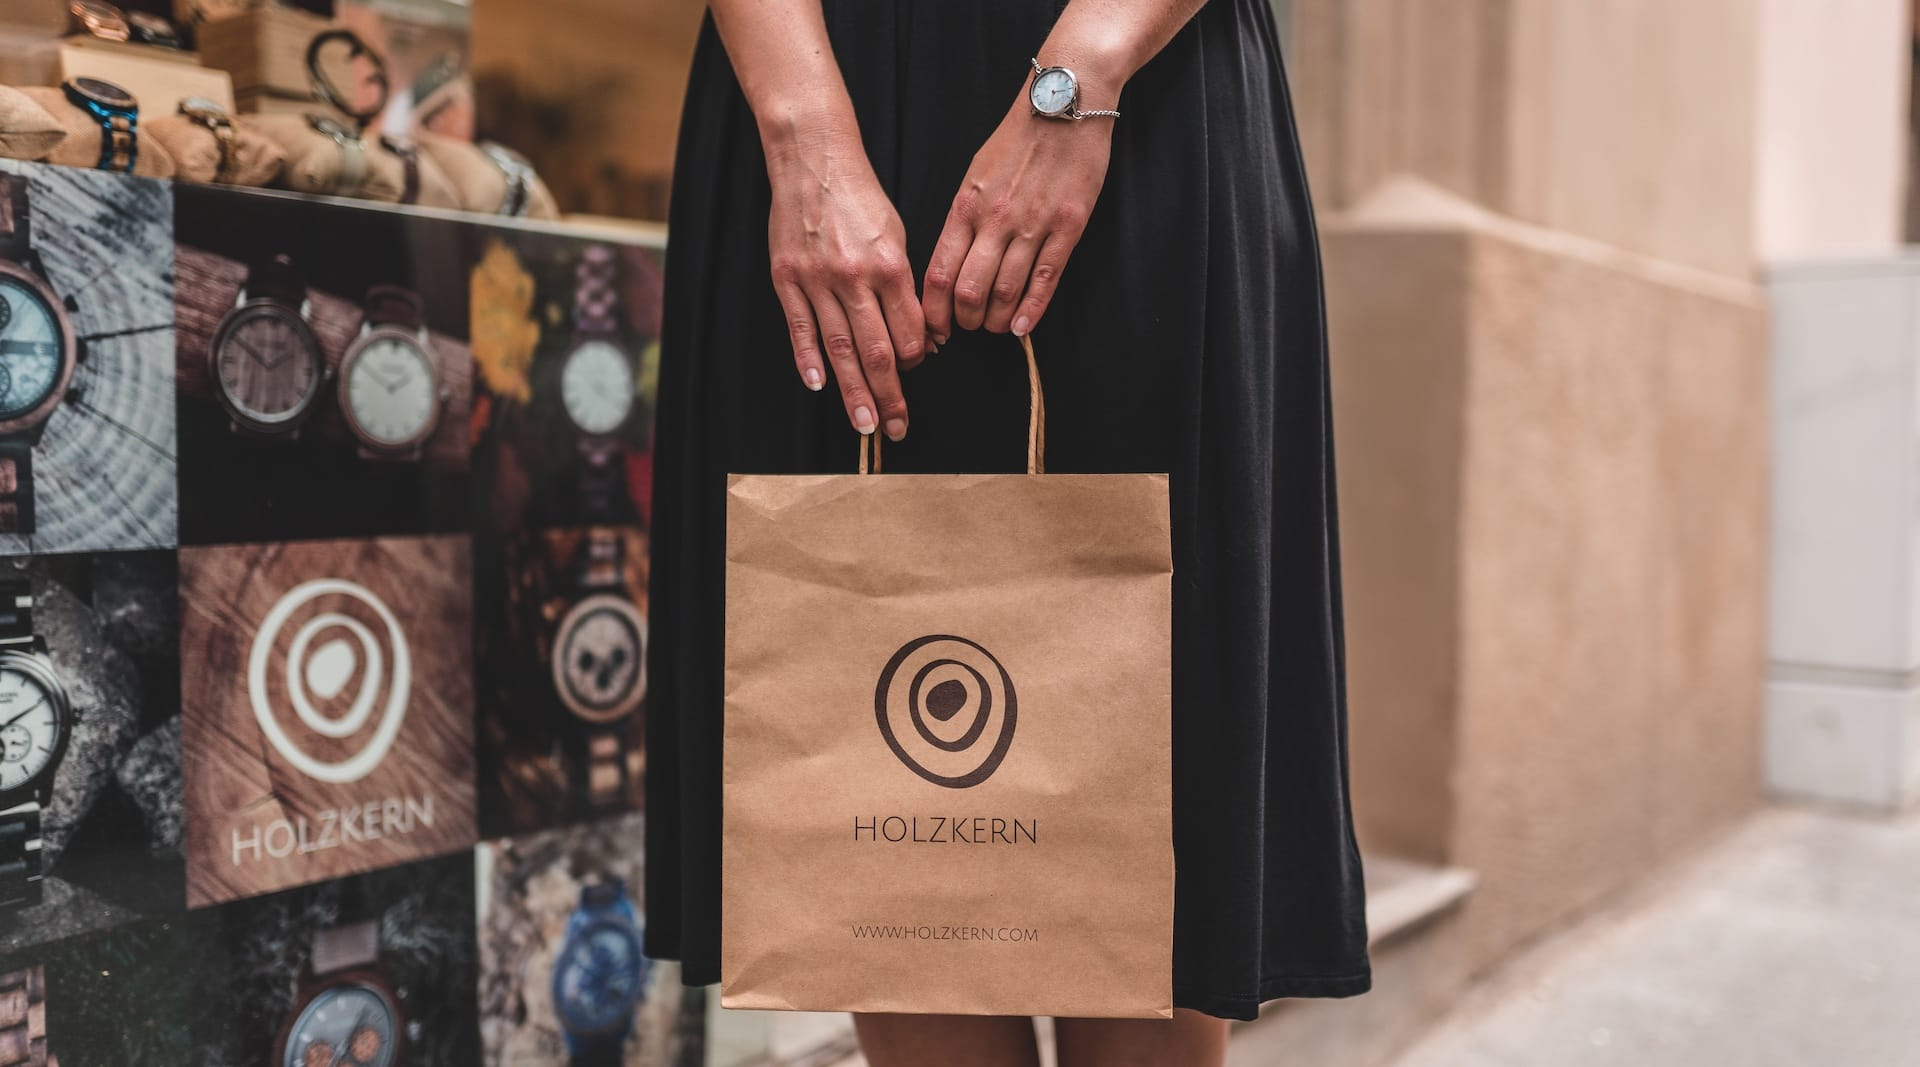 Holzkern Store Wien